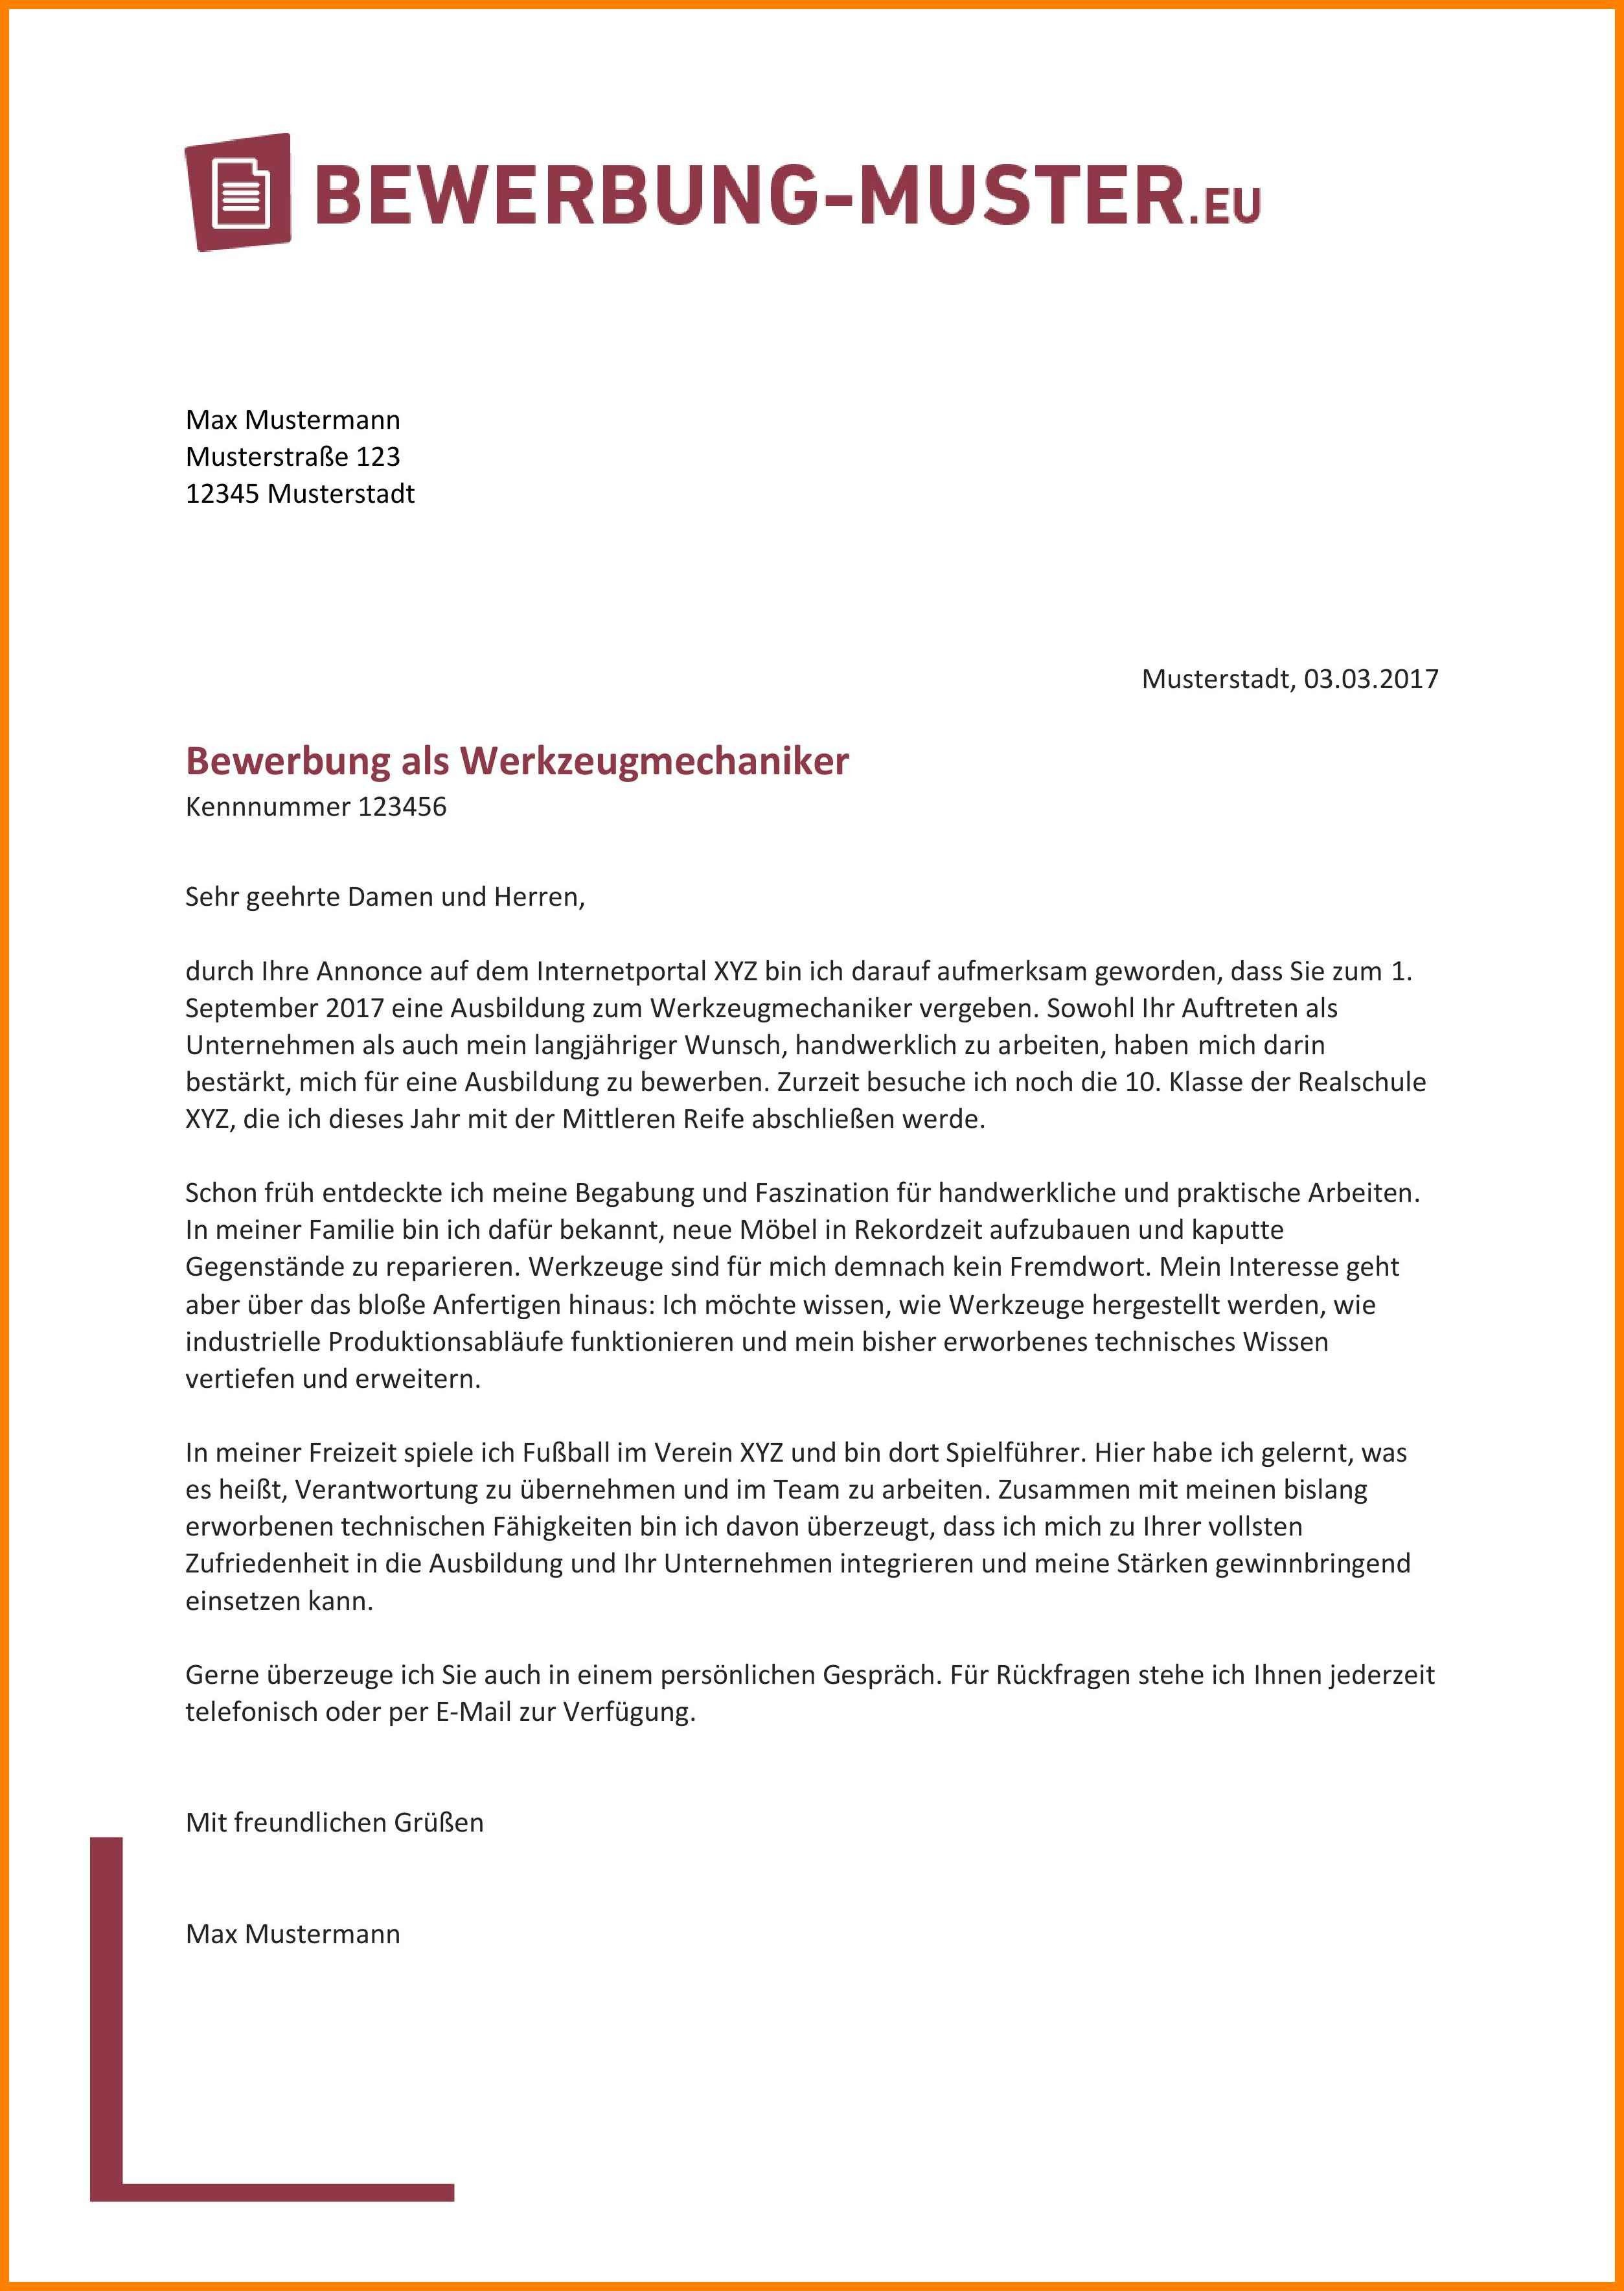 Einzigartig Bewerbung Nach Ausbildung Muster Briefprobe Briefformat Briefvorlage Bewerbung Schreiben Lebenslauf Vorlage Schuler Bewerbungsschreiben Muster